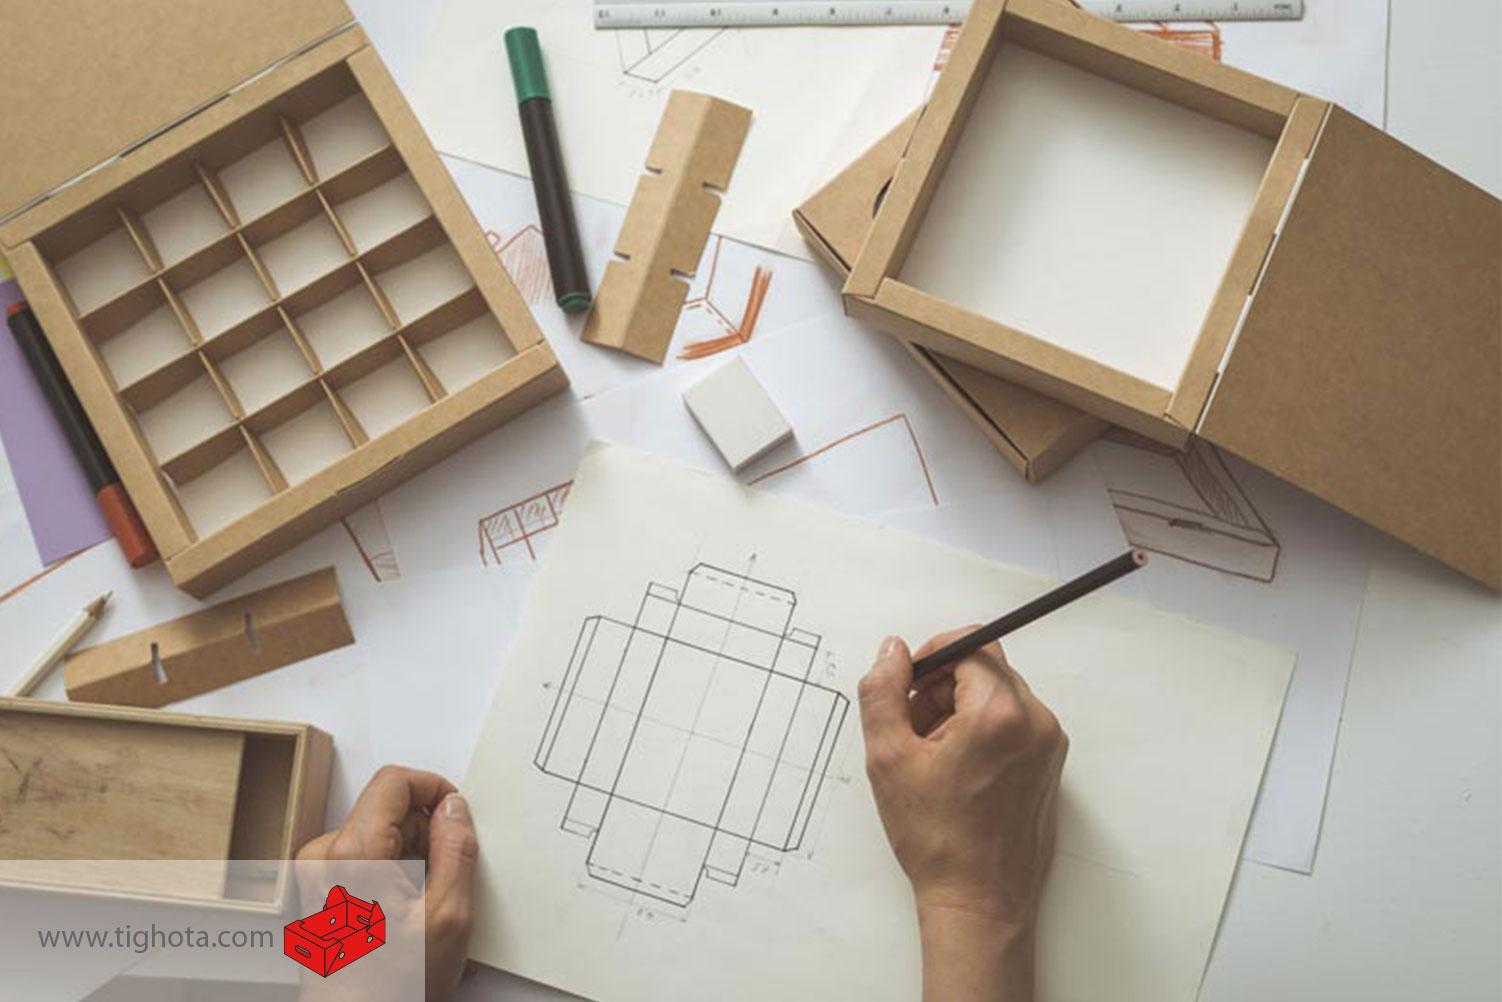 مطالعه موردی در مورد ساختن پروتوتایپ بسته بندی